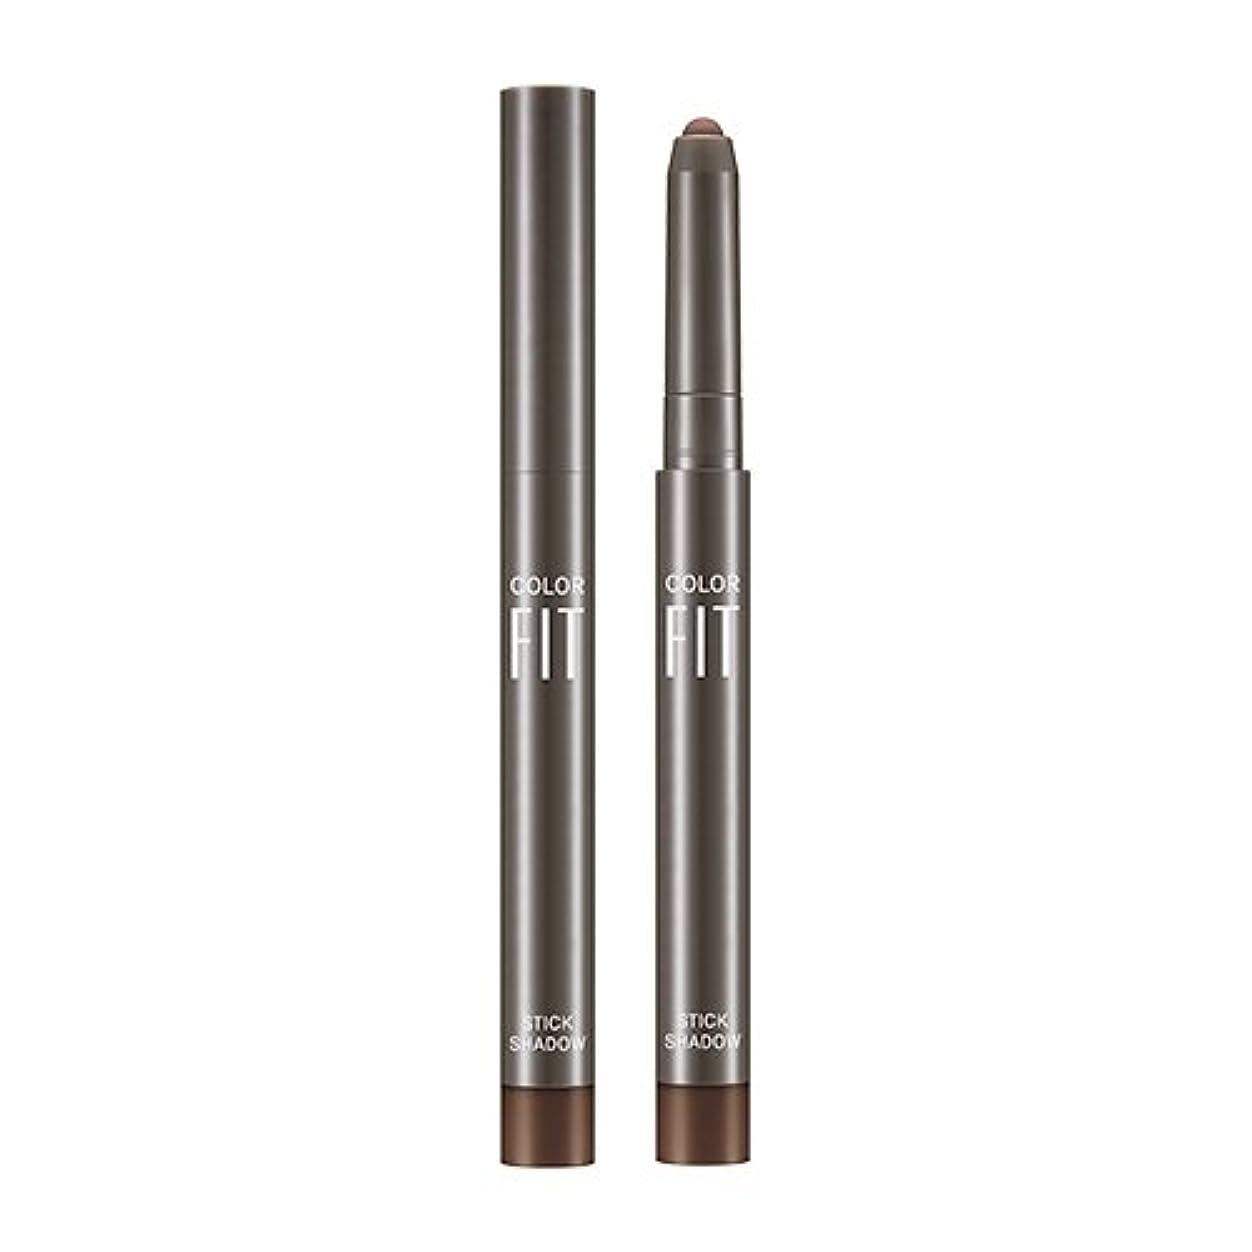 質量ケープローラーMISSHA Color Fit Stick Shadow 1.1g/ミシャ カラー フィット スティック シャドウ 1.1g (#Cacao Pound [MATTE]) [並行輸入品]